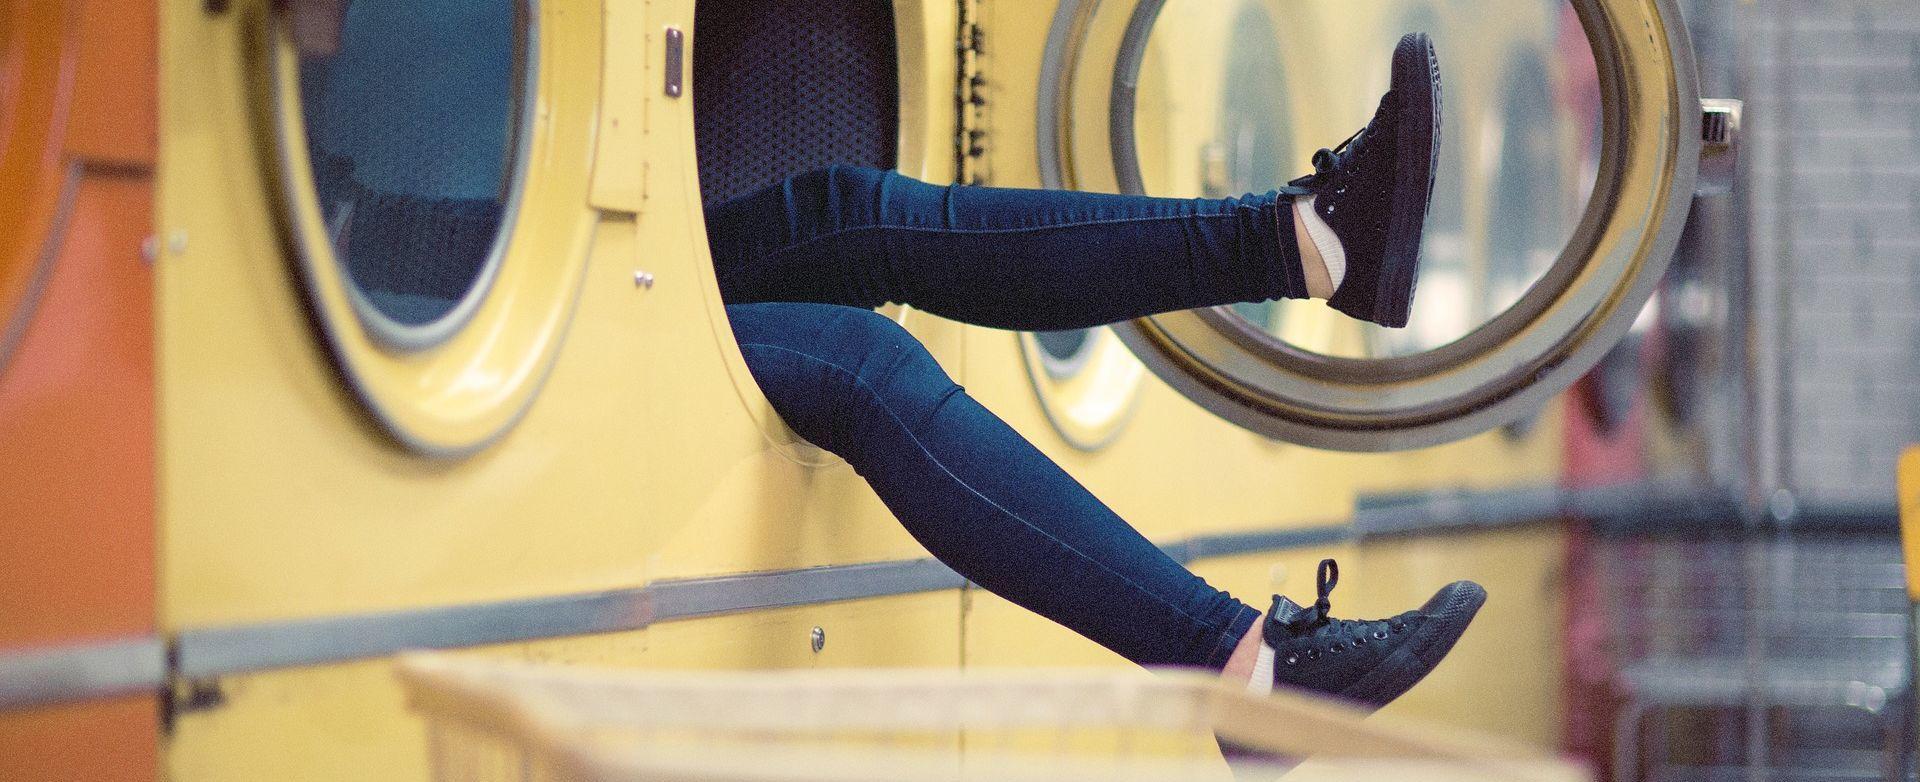 Piernas sobresaliendo de la lavadora